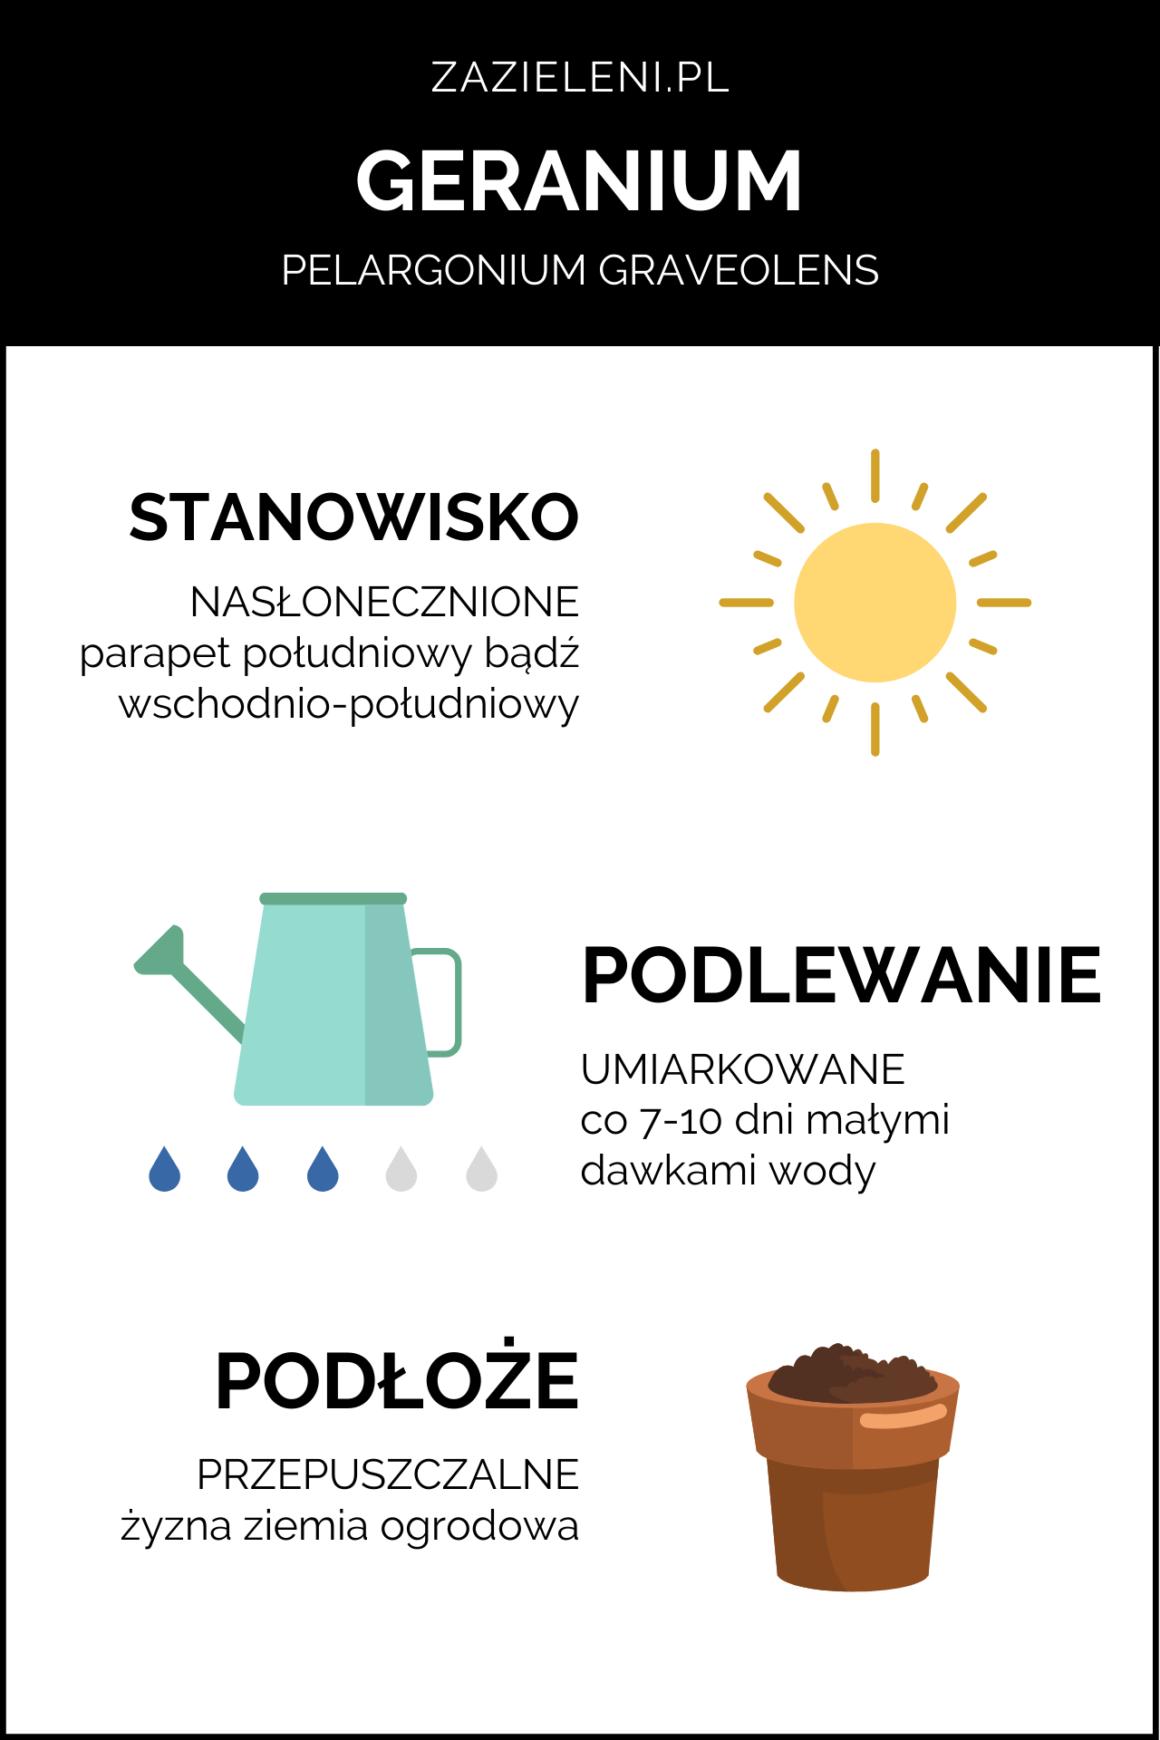 infografika geranium, wskrócie oroślinach, blog, zazieleni